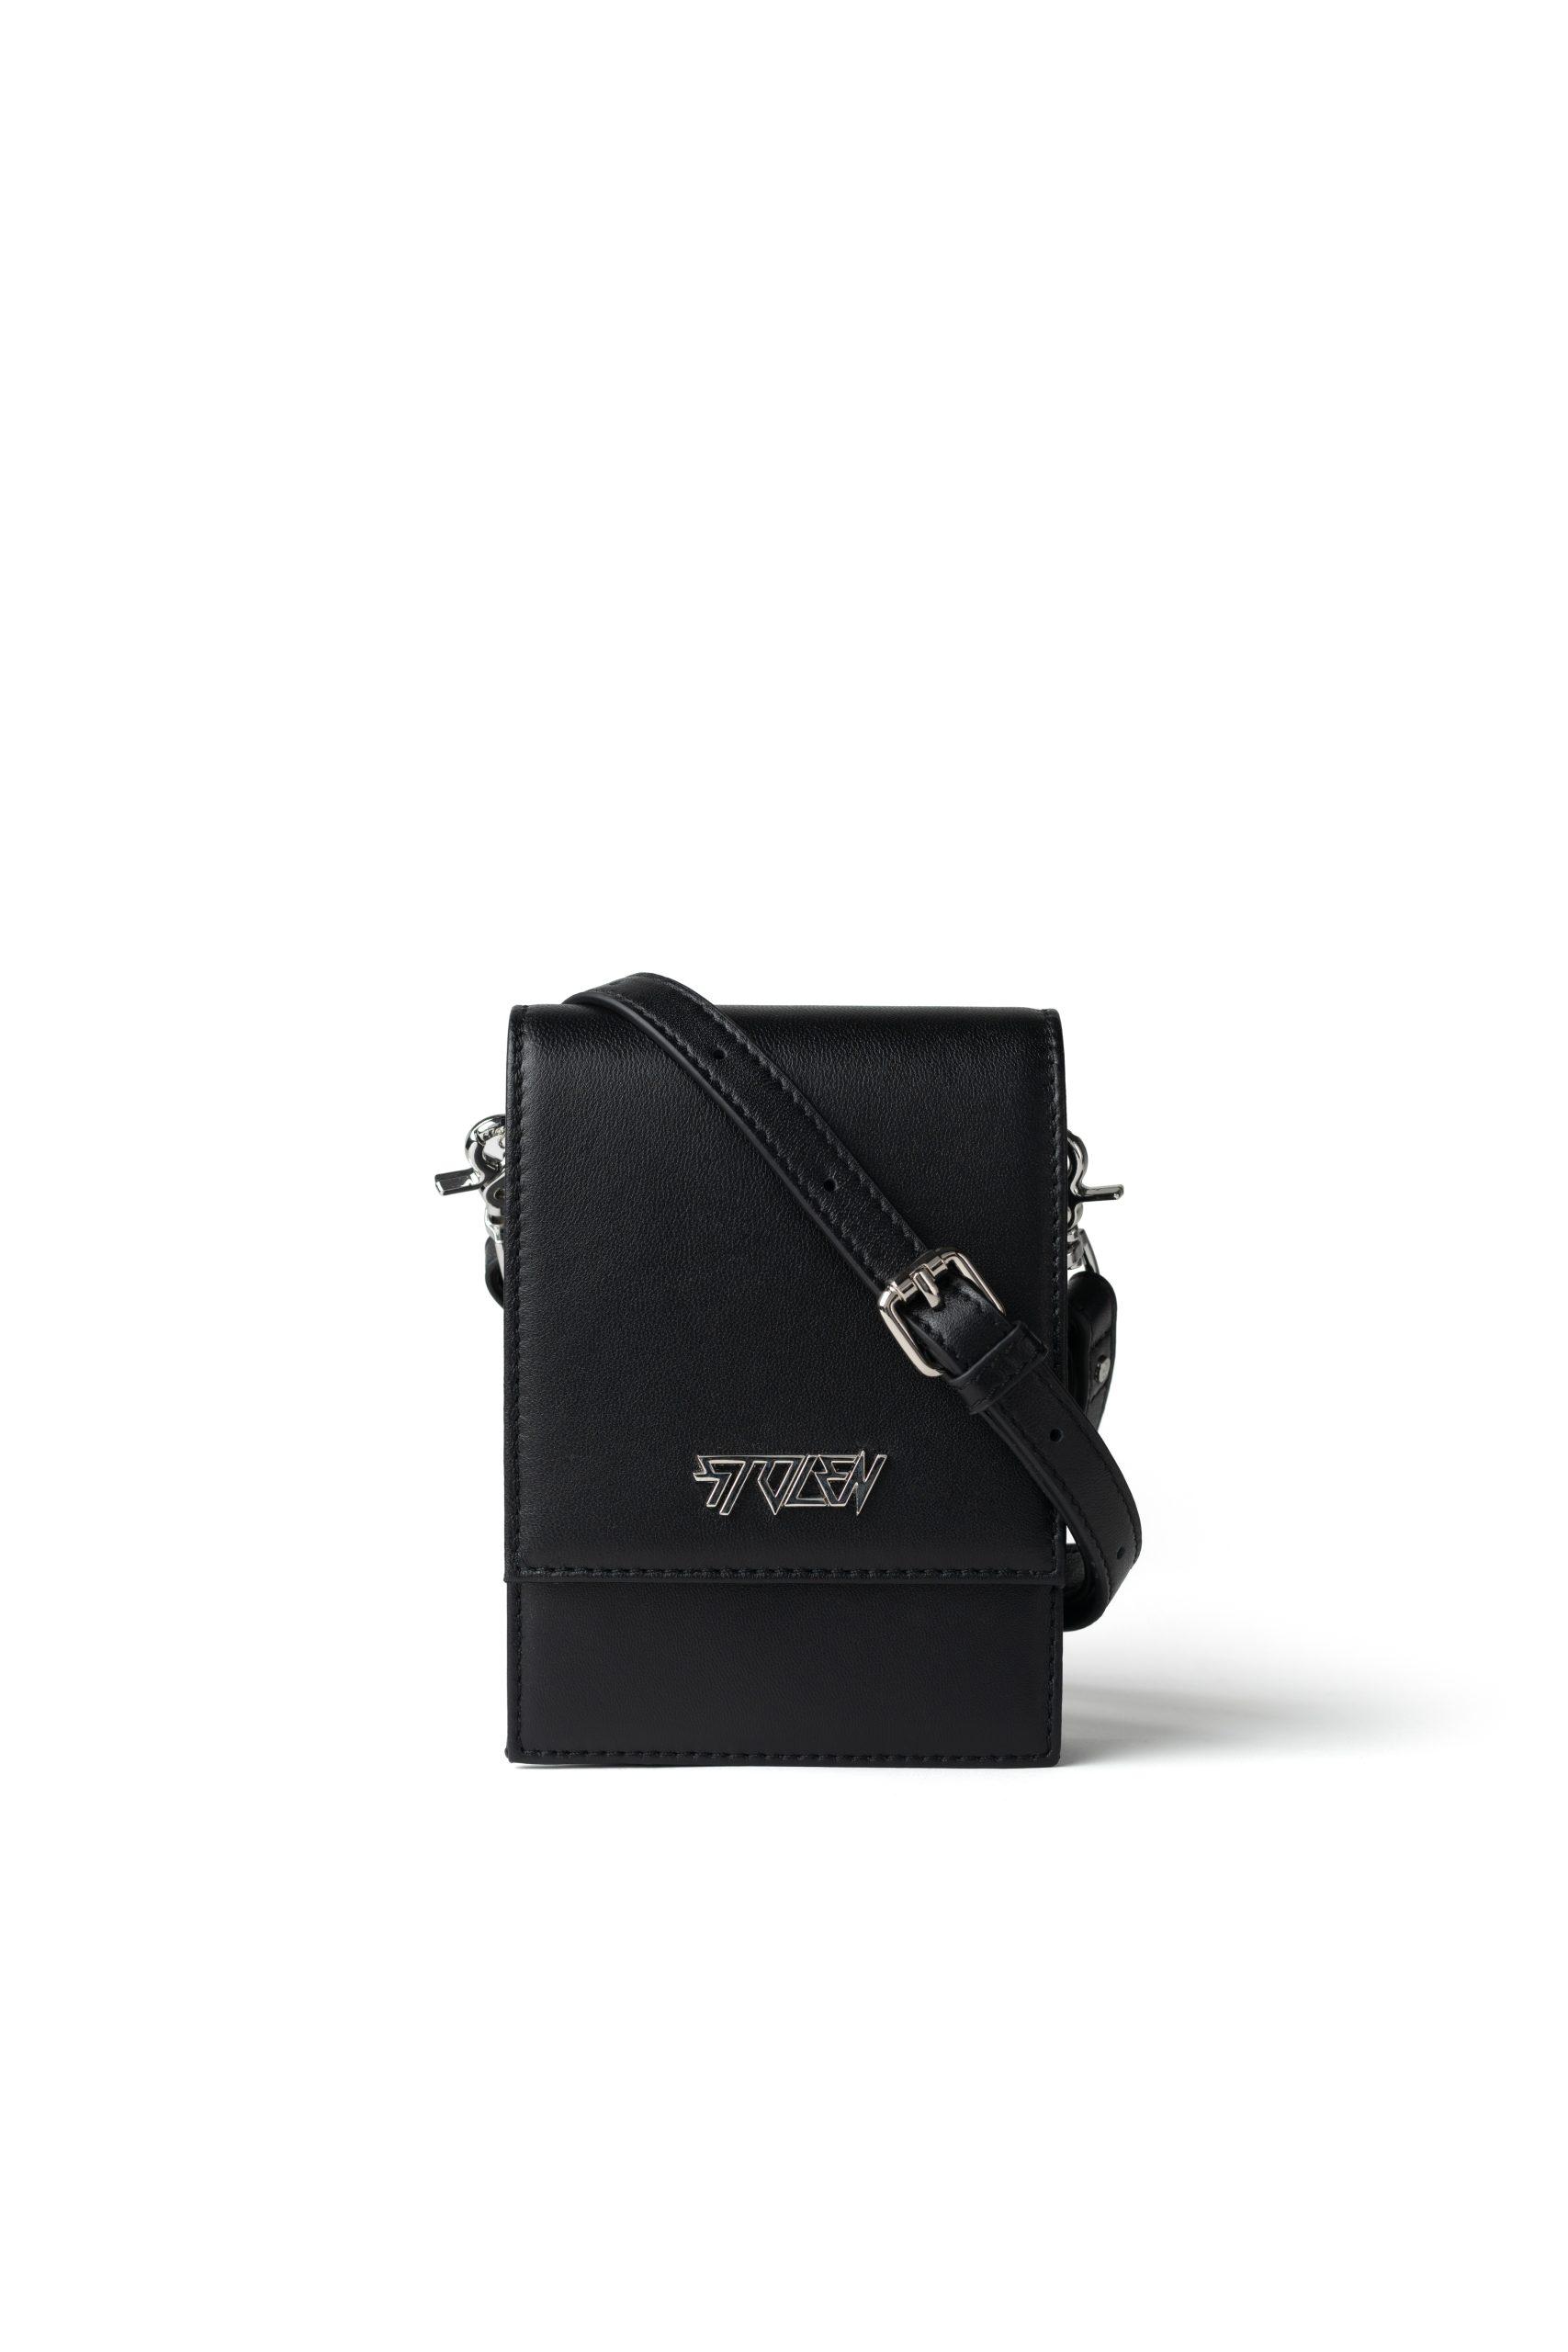 B042F On Tour Bag Black RRP $269